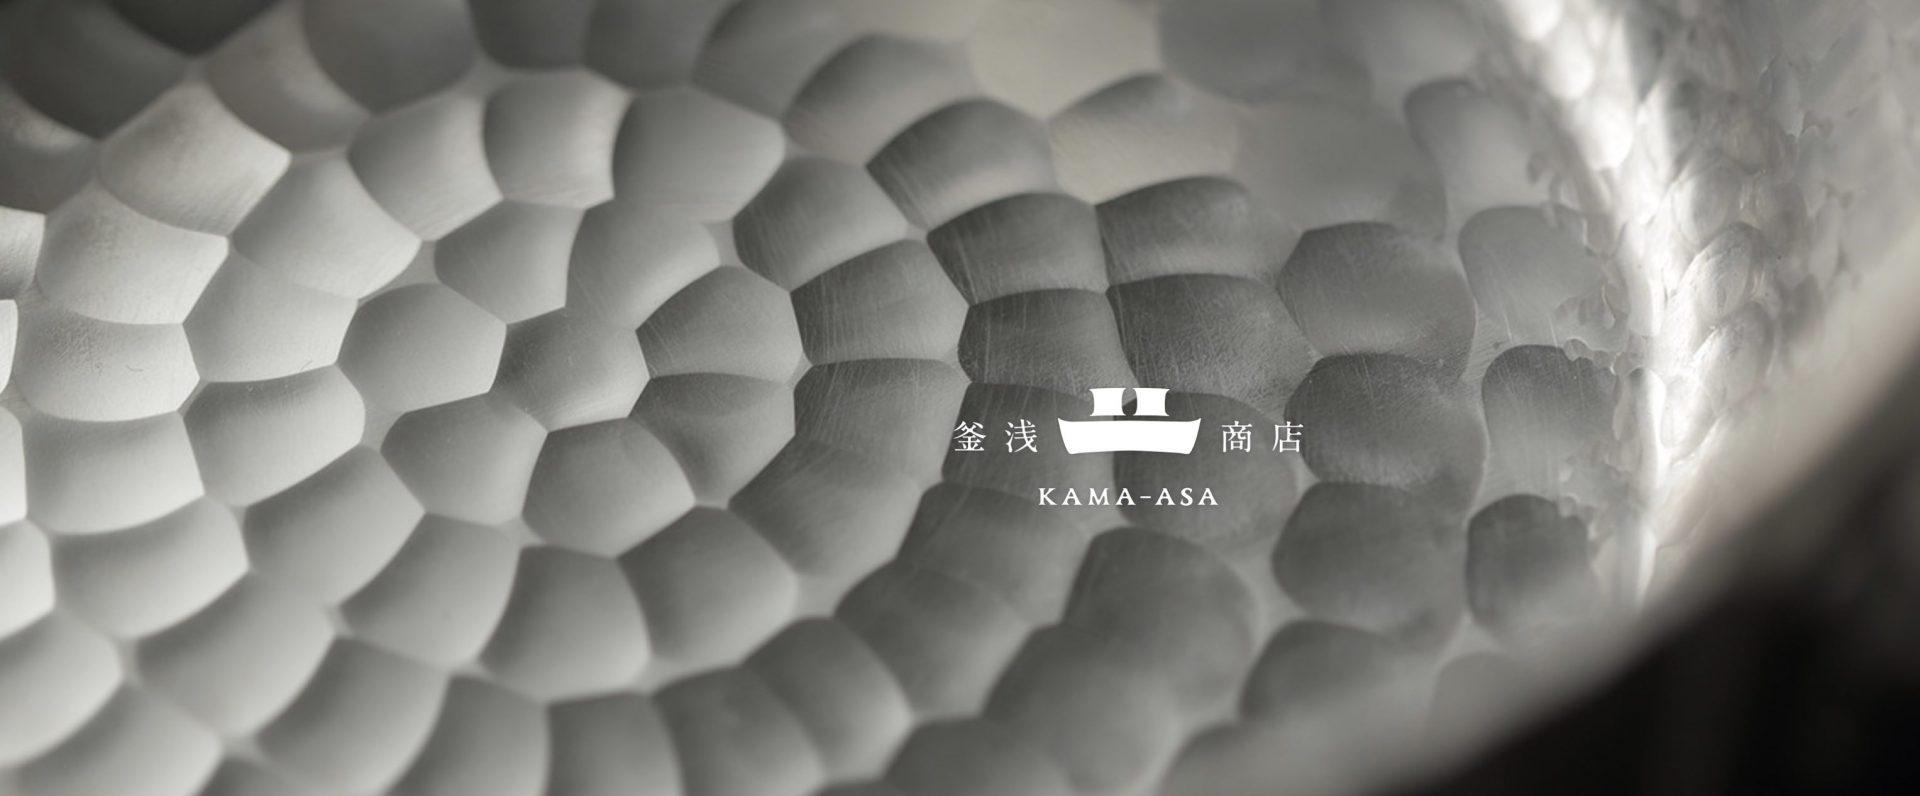 Senmonten Kama Asa